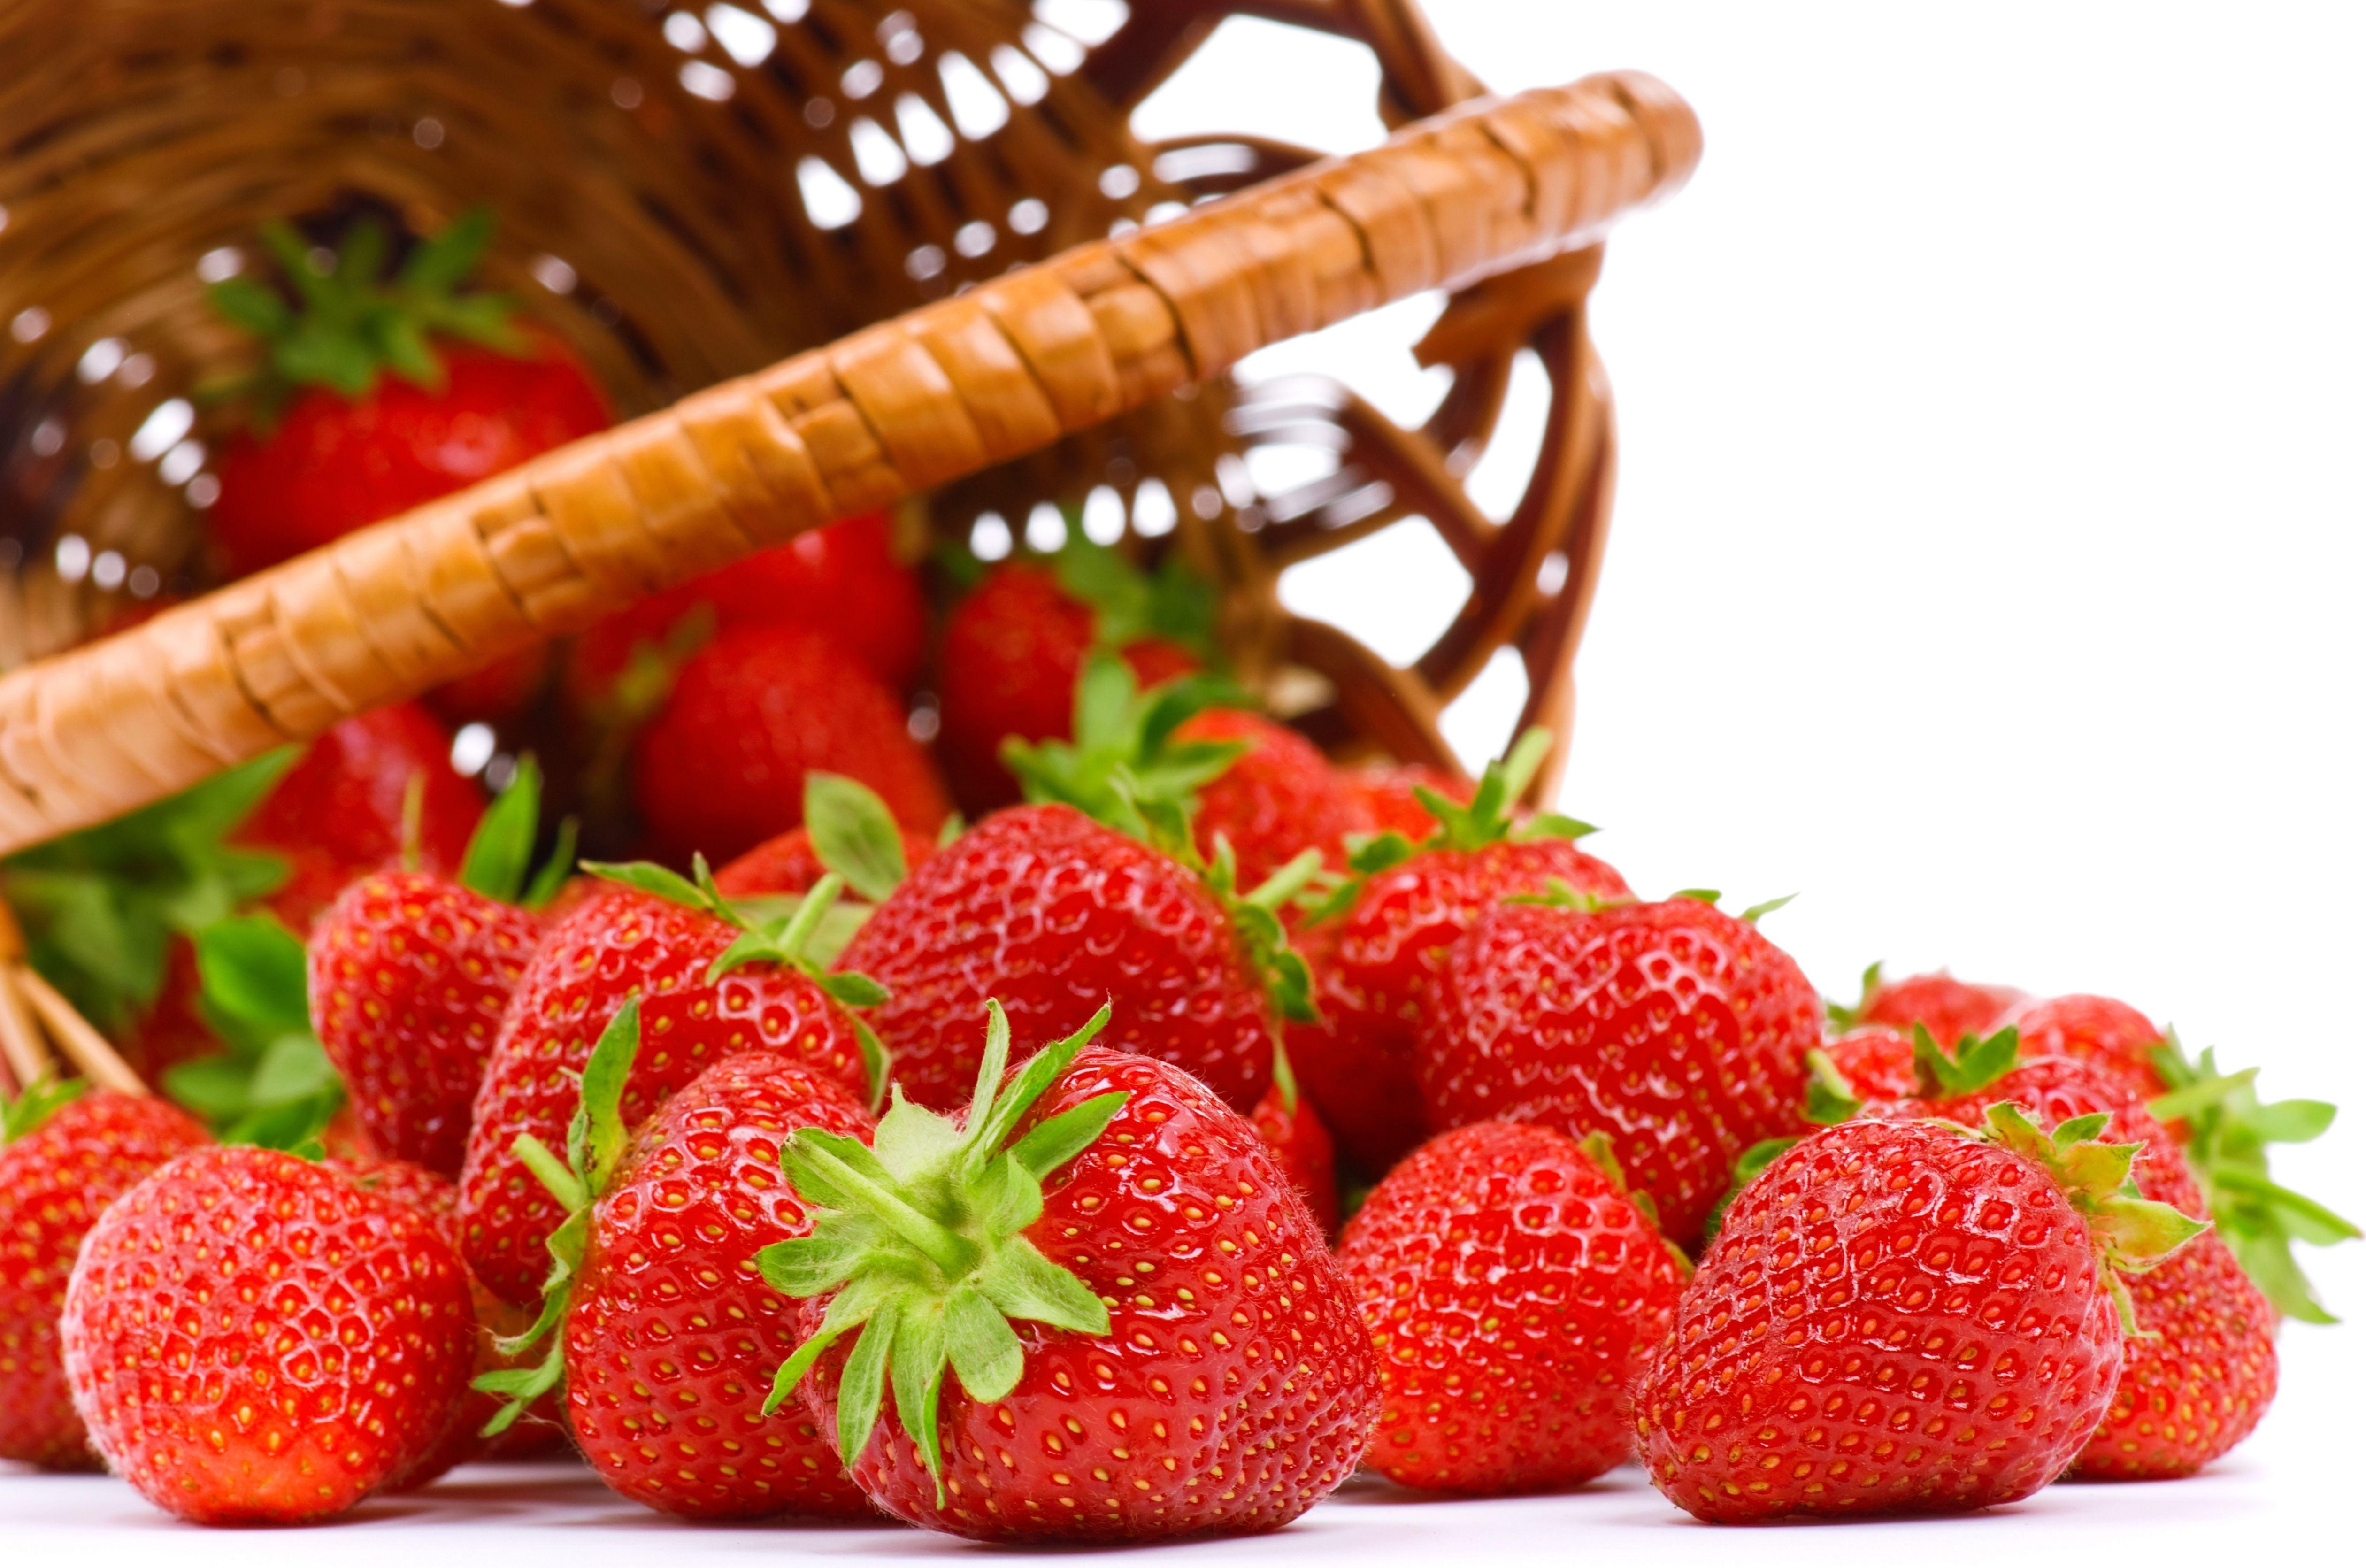 """صورة الفراولة تتصدر قائمة الأطعمة """"المخزنة"""" للمبيدات الحشرية"""